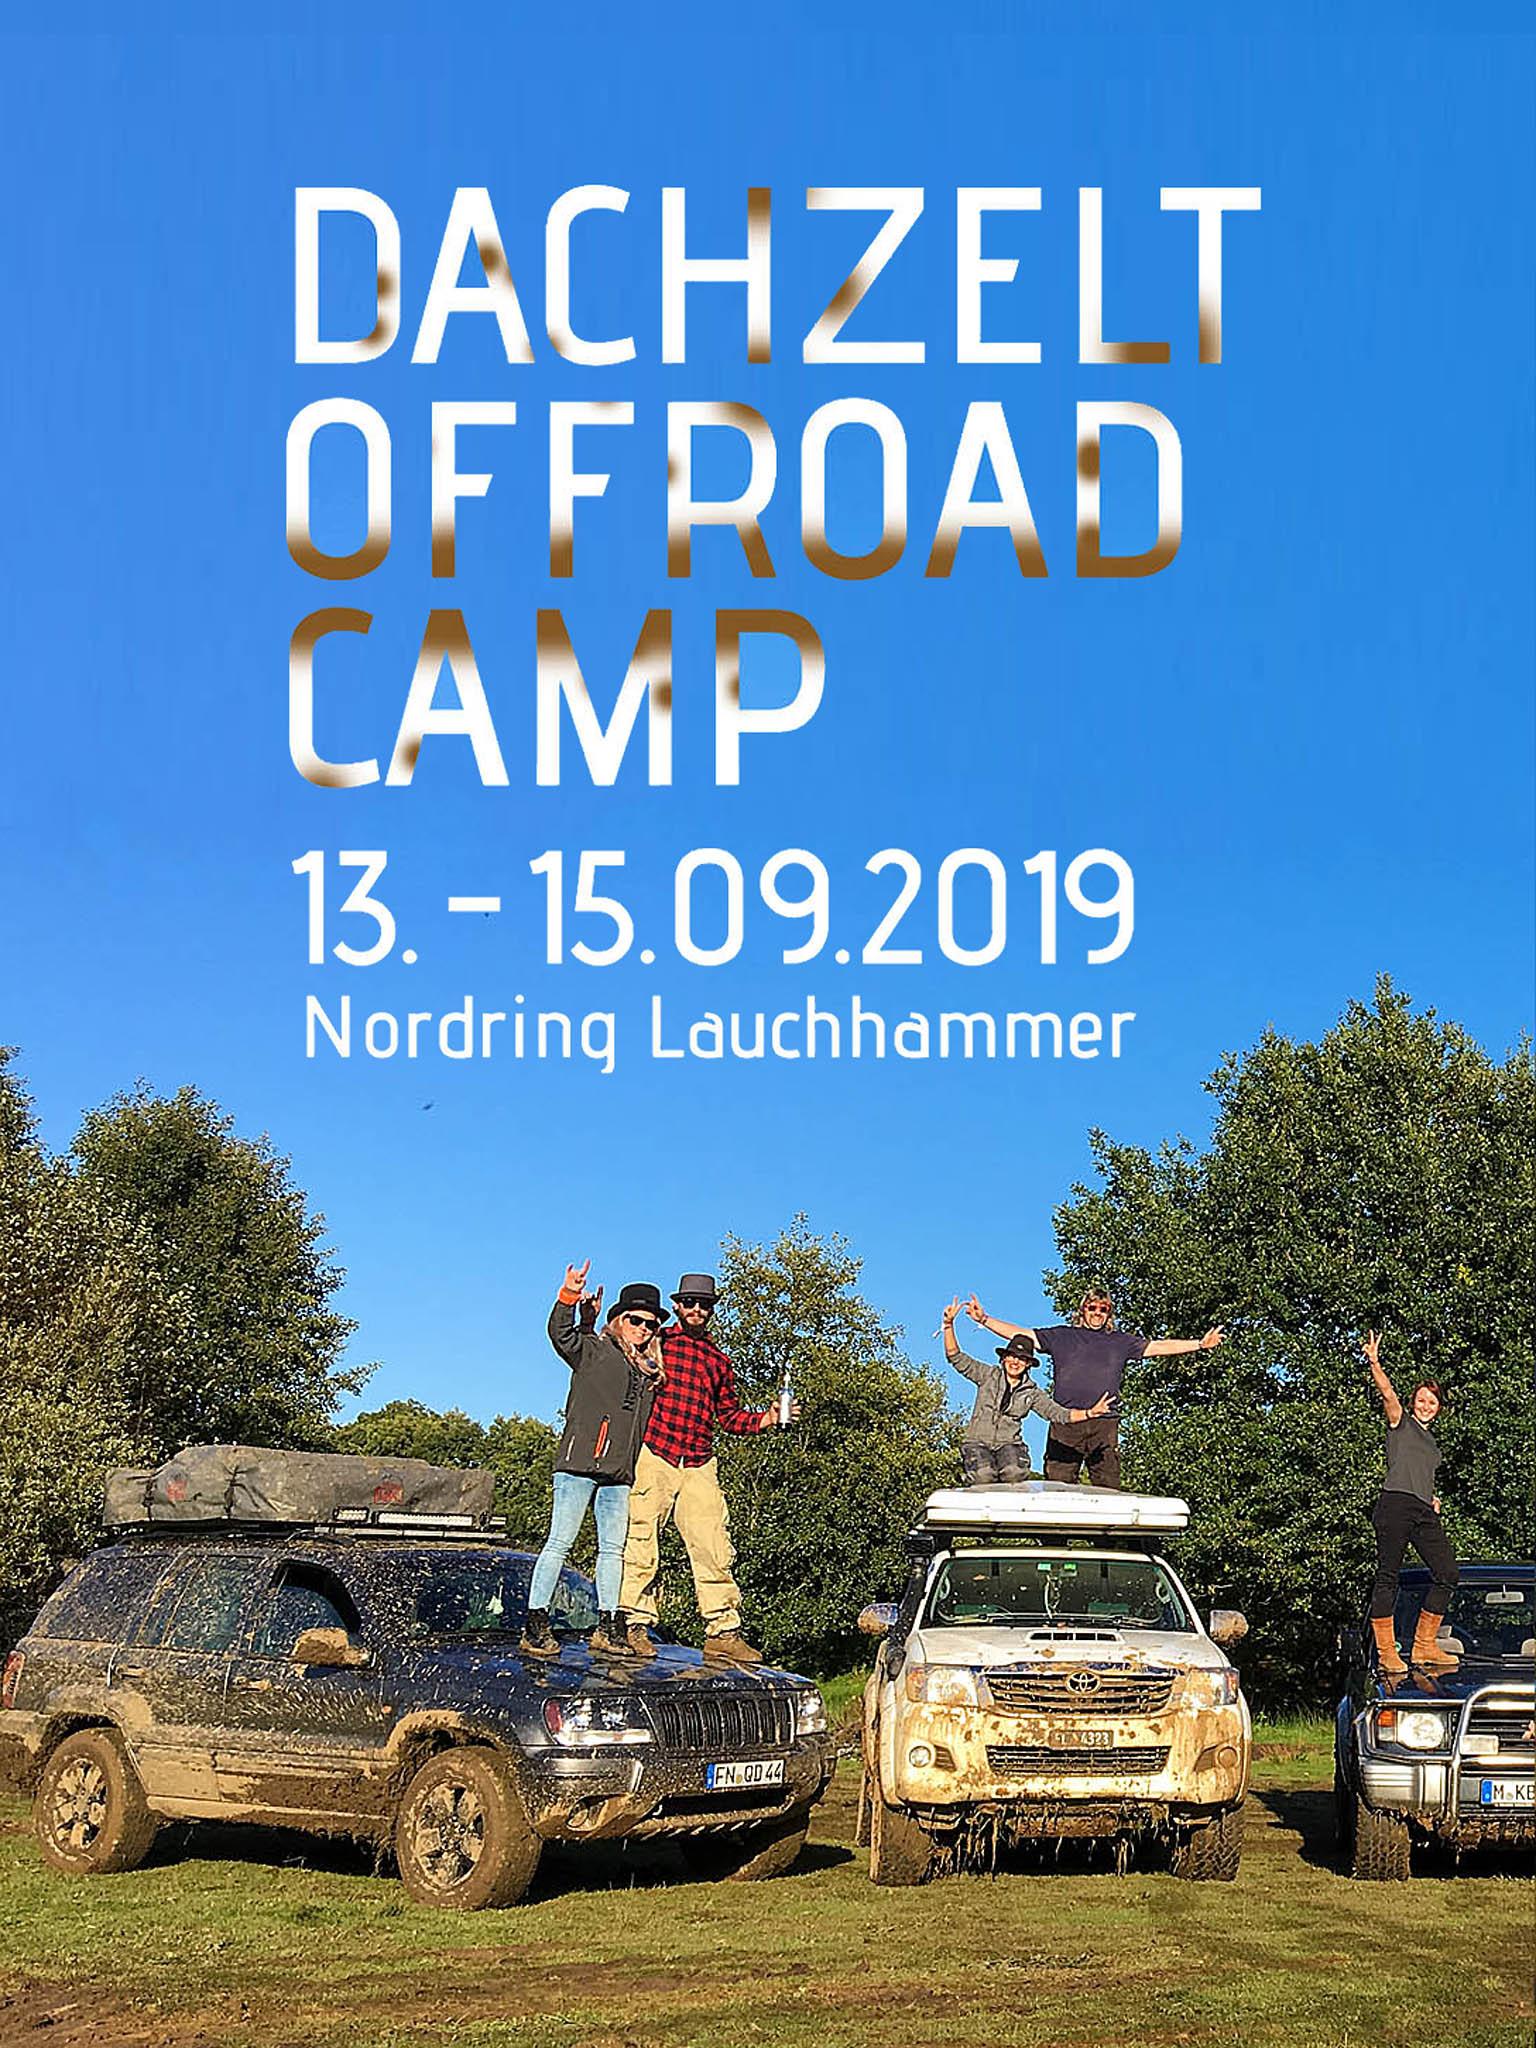 dachzeltnomaden-dachzelt-offroad-camp-4-3-3.jpg